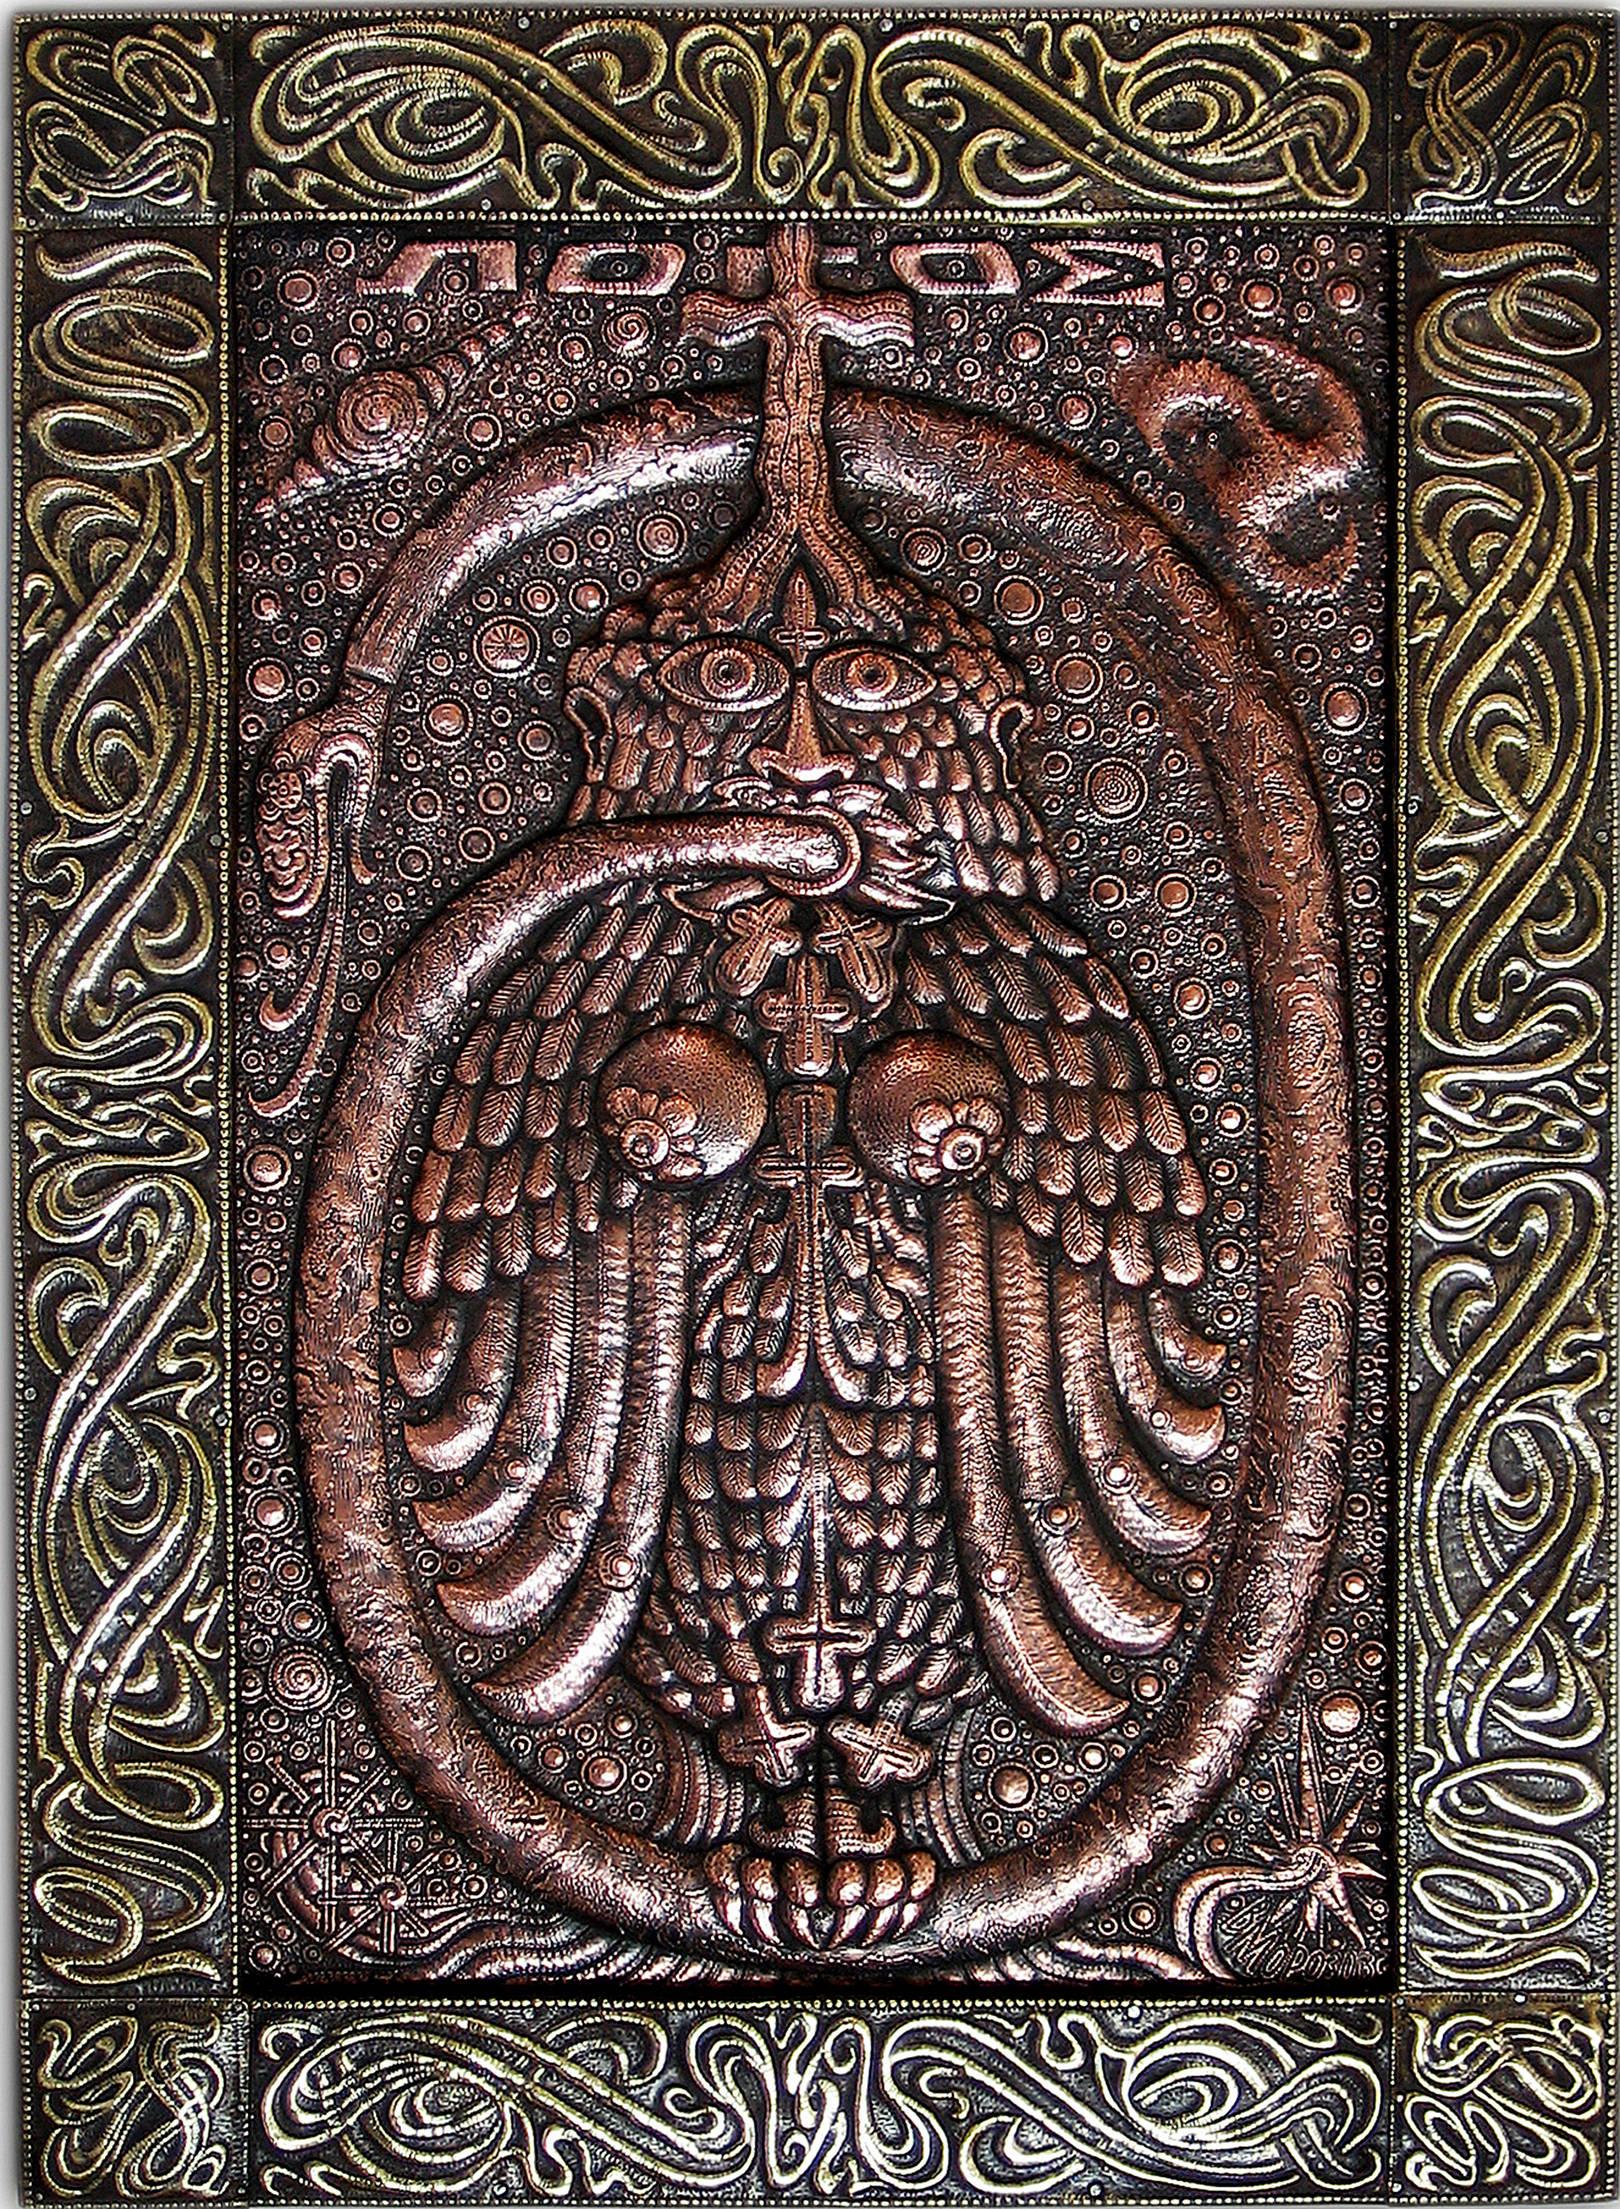 """Логос (панно из триптиха """"Мистический"""" ) 2004 г. Медь, латунь; чернение 76 х 53 см"""